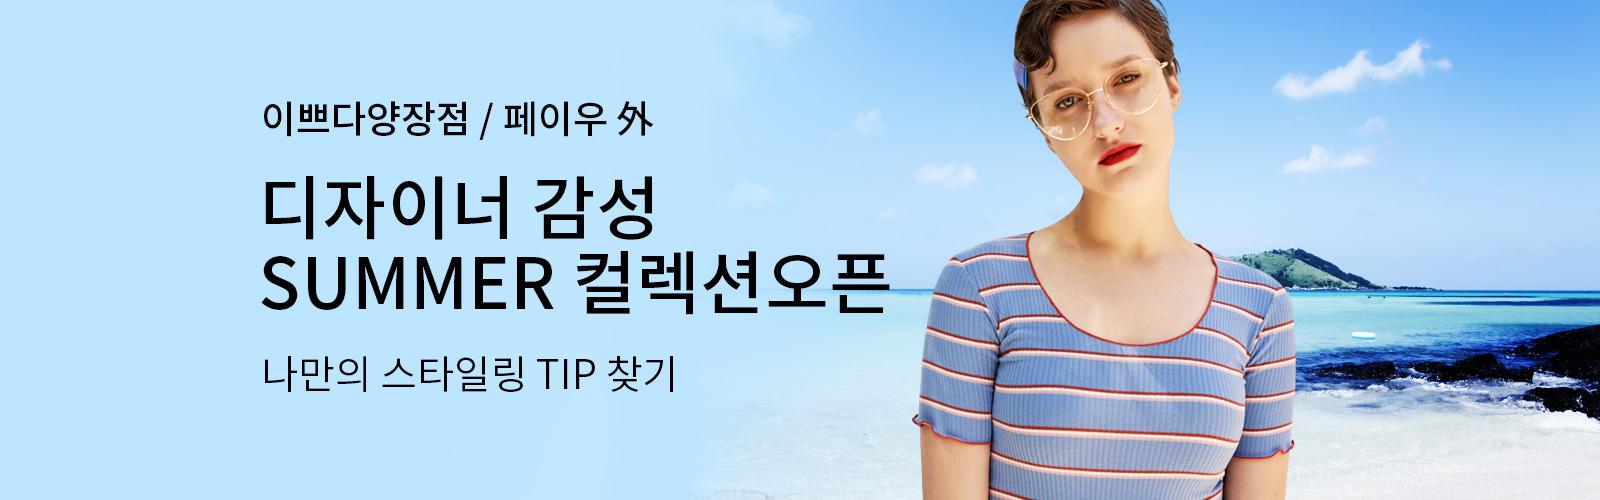 이쁘다양장점 페이우 외 디자이너 감성 SUMMER 컬렉션 오픈 나만의 스타일링 TIP 찾기